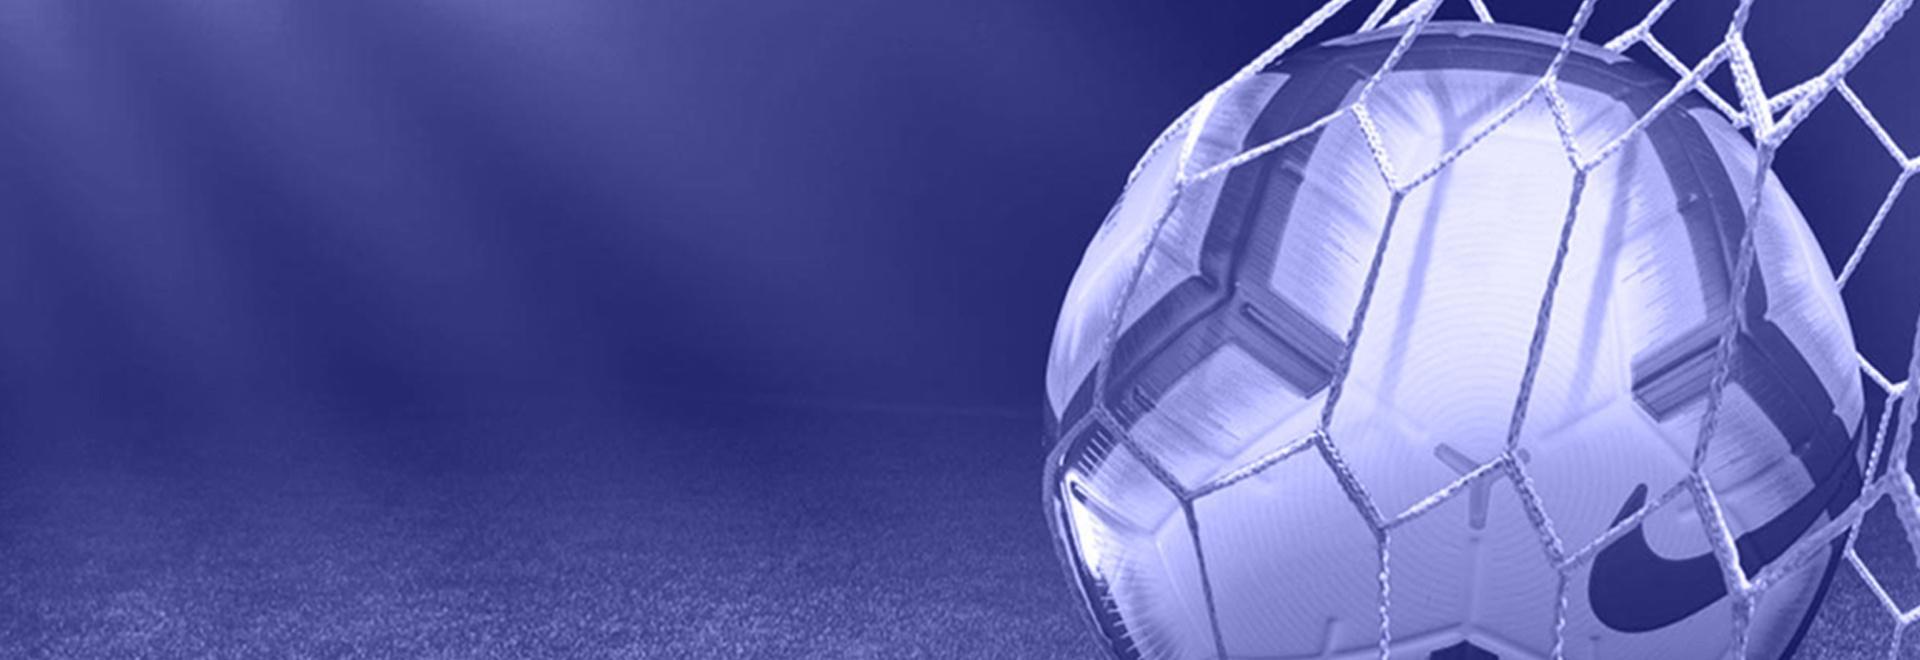 Inter - Lazio 31/03/19. 29a g.